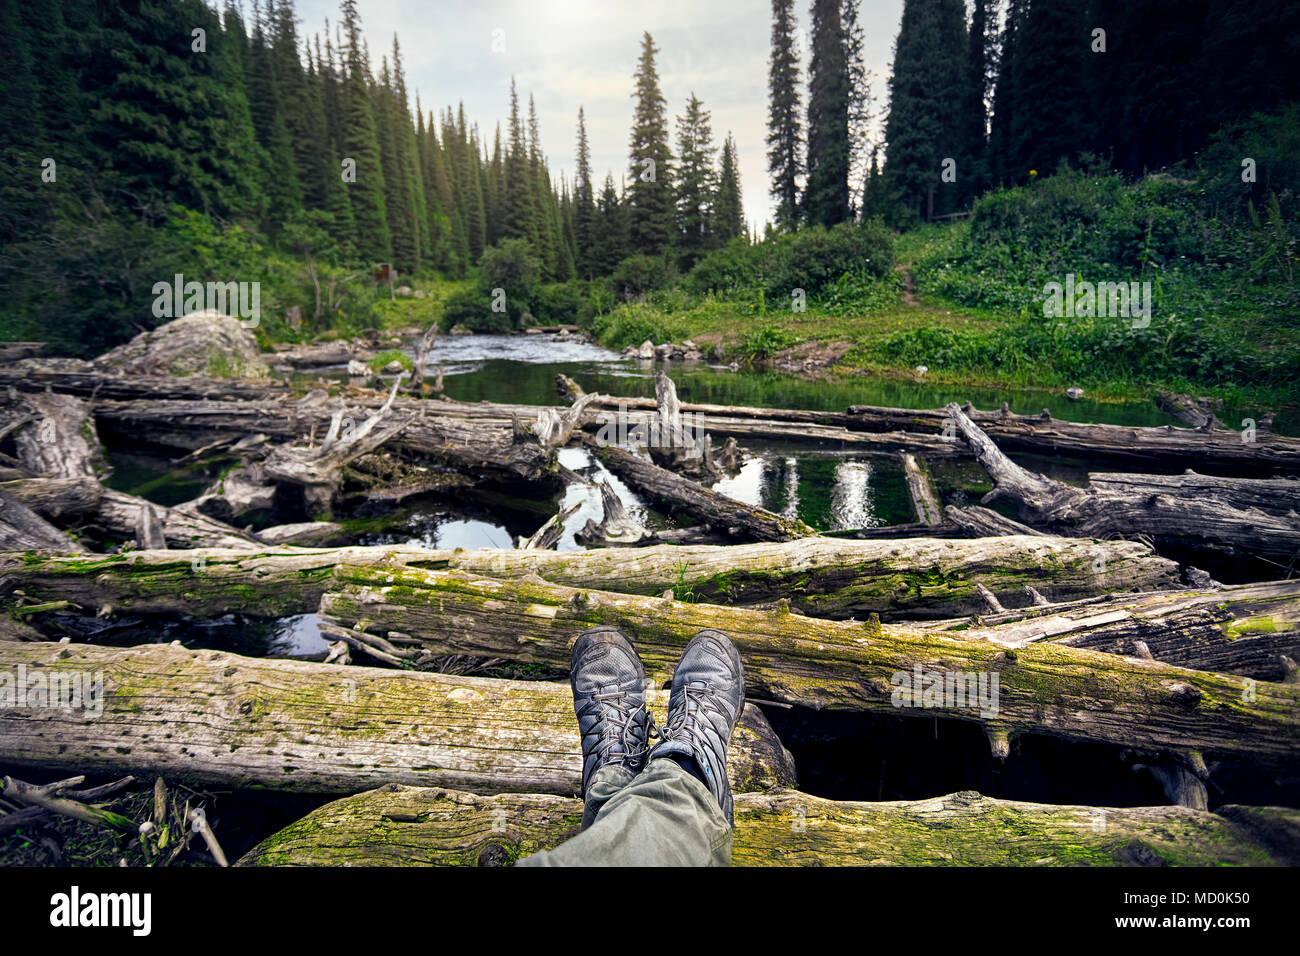 Les jambes de l'homme dans le suivi des chaussures et vue sur le bois et lac de montagne. Voyage en plein air concept. Photo Stock